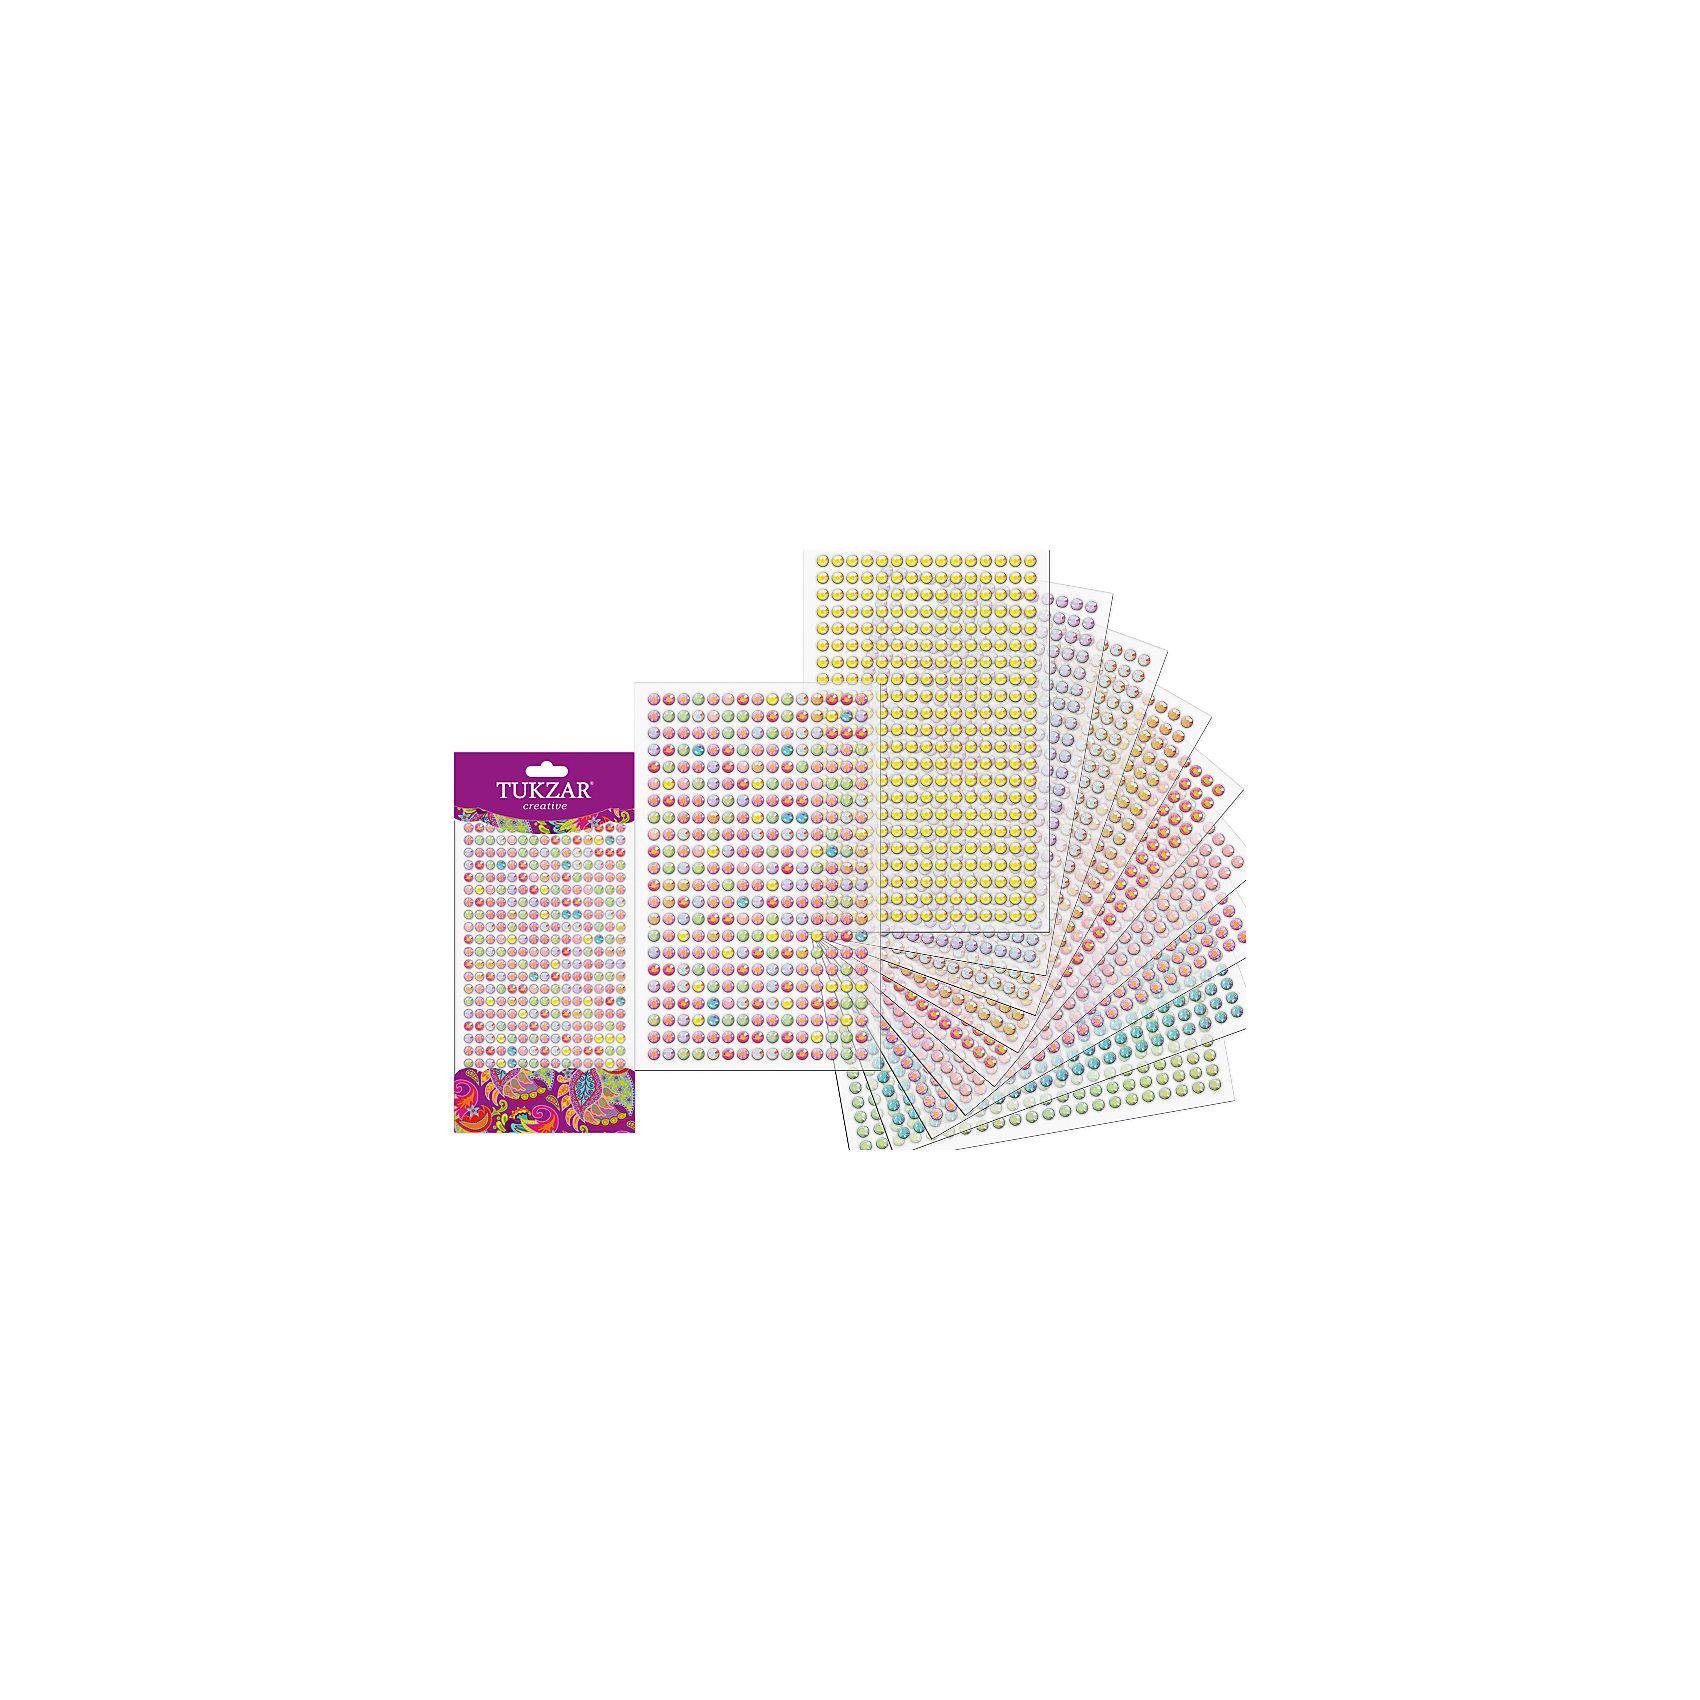 Акриловые наклейки-стразы (330 шт на листе)Творчество для малышей<br>Наклейки-стразы (330 штук на листе) от известного торгового бренда канцелярских товаров и товаров для творчества TUKZAR. Наклейки-стразы можно использовать для оформления и декорирования ручных поделок, оформления подарочной упаковки или в качестве стильного аксессуара для маскарадного костюма. Набор включает в себя различные по цвету стразы классической формы, что позволит создать авторские узоры на любой поверхности.<br><br>Дополнительная информация:<br><br>- Предназначение: для творческих занятий, оформительских работ и декорирования<br>- Материал: акрил<br>- Комплектация: круглые наклейки-стразы в ассортименте <br>- Размеры (Д*Ш): 10*23 см<br>- Упаковка: блистер<br><br>Подробнее:<br><br>• Для детей в возрасте: от 5 лет <br>• Страна производитель: Китай<br>• Торговый бренд: TUKZAR<br><br>Наклейки-стразы (330 штук на листе) можно купить в нашем интернет-магазине.<br><br>Ширина мм: 100<br>Глубина мм: 230<br>Высота мм: 10<br>Вес г: 50<br>Возраст от месяцев: 36<br>Возраст до месяцев: 144<br>Пол: Женский<br>Возраст: Детский<br>SKU: 5001398